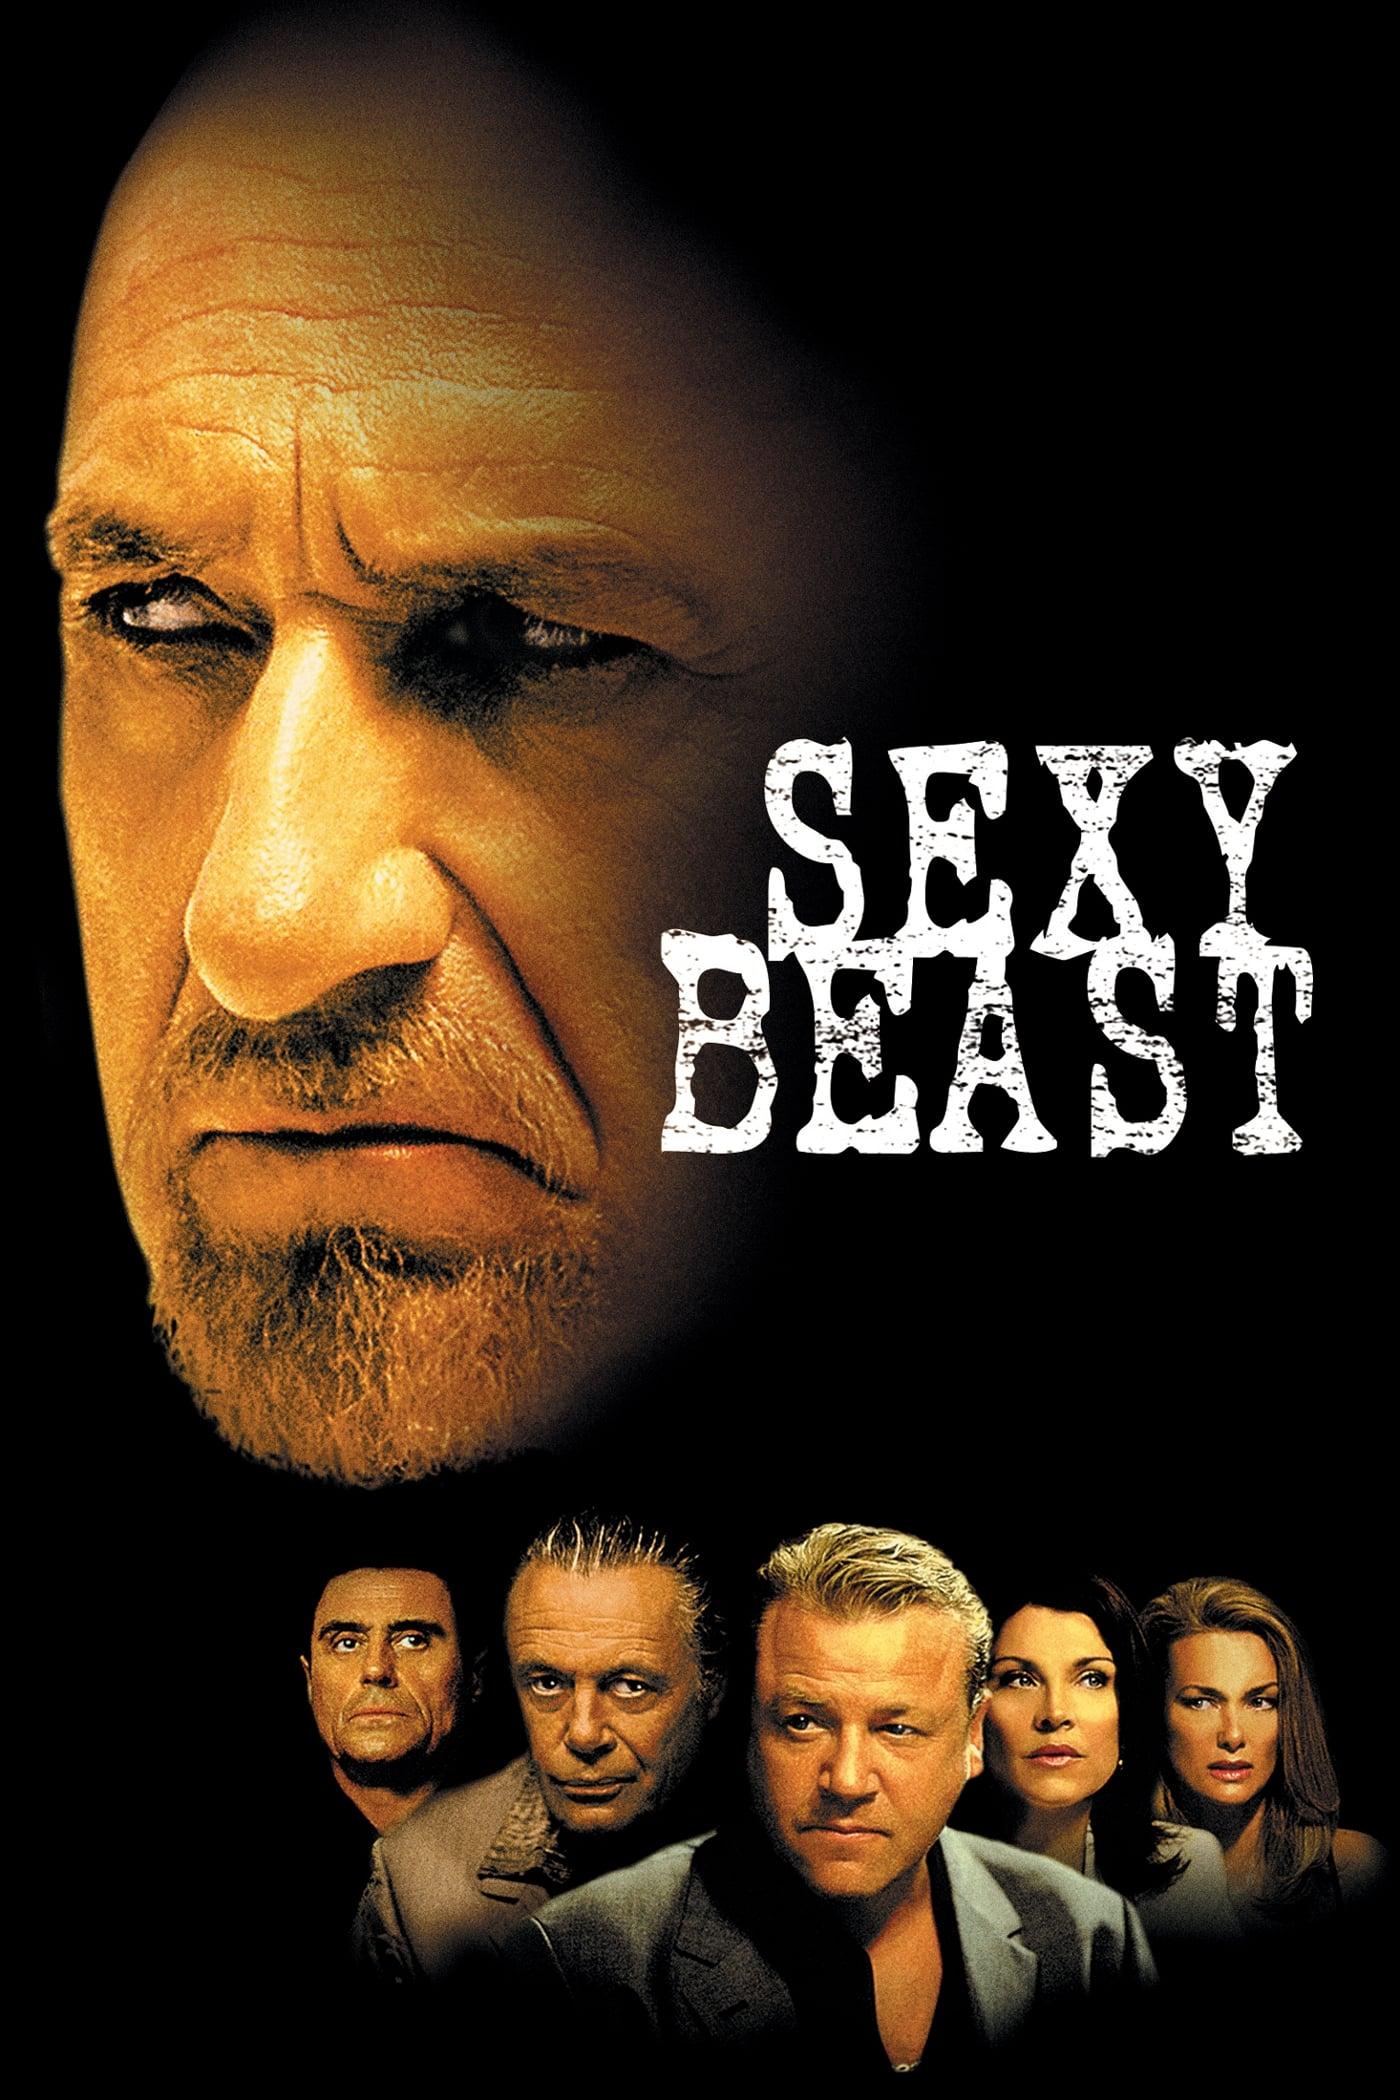 Beastly Deutsch Ganzer Film